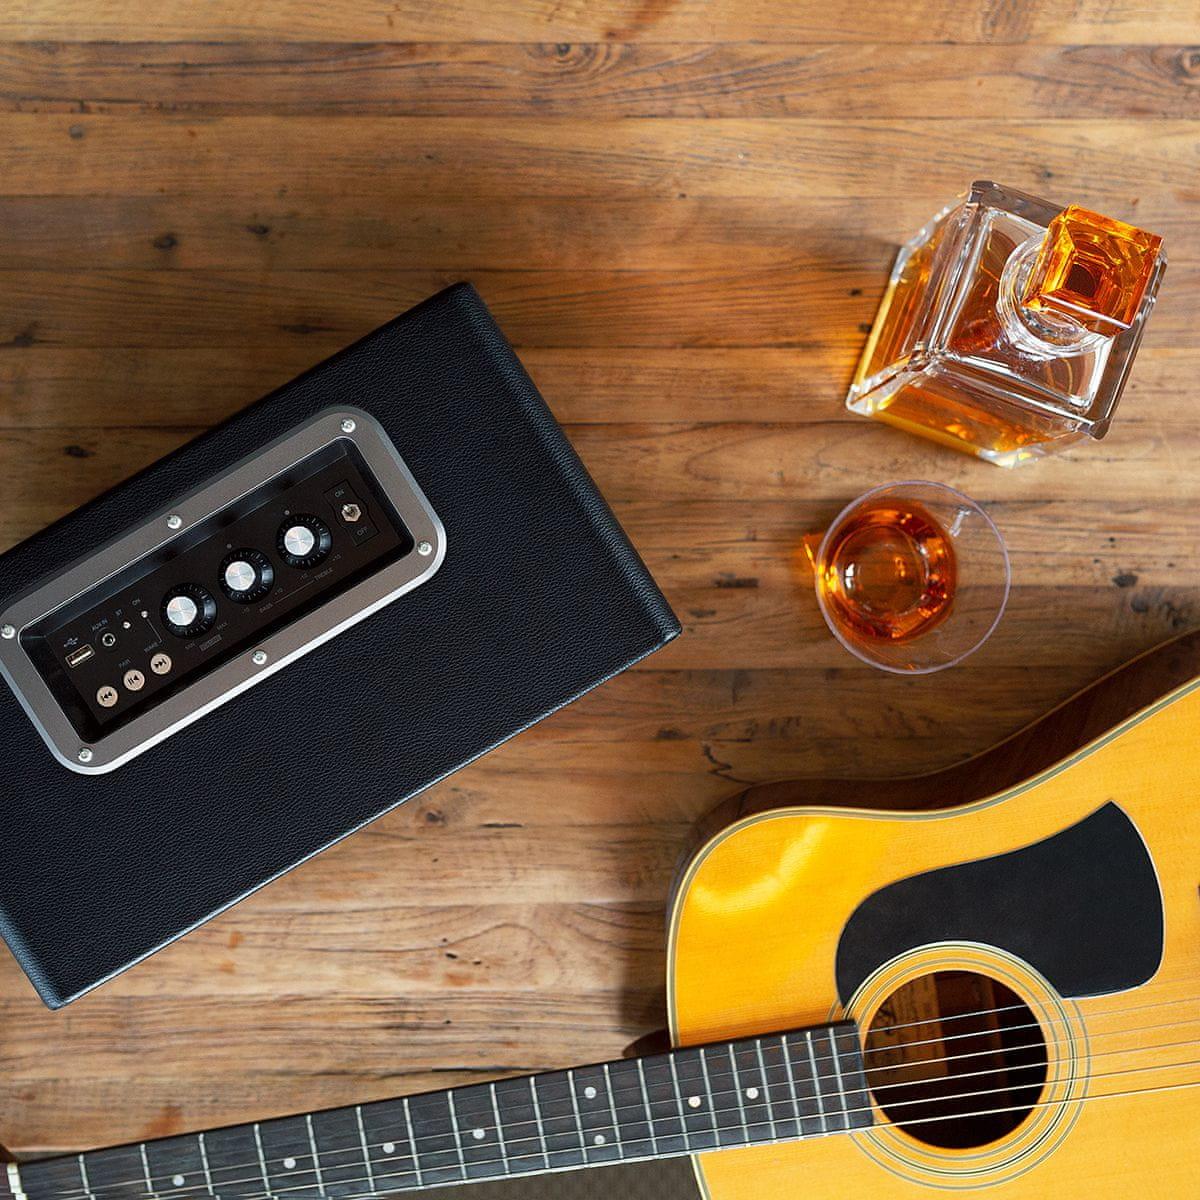 bluetooth zvočnik Niceboy BOOGIE classic ima potencimeter za upravljanje basa in visokih tonov